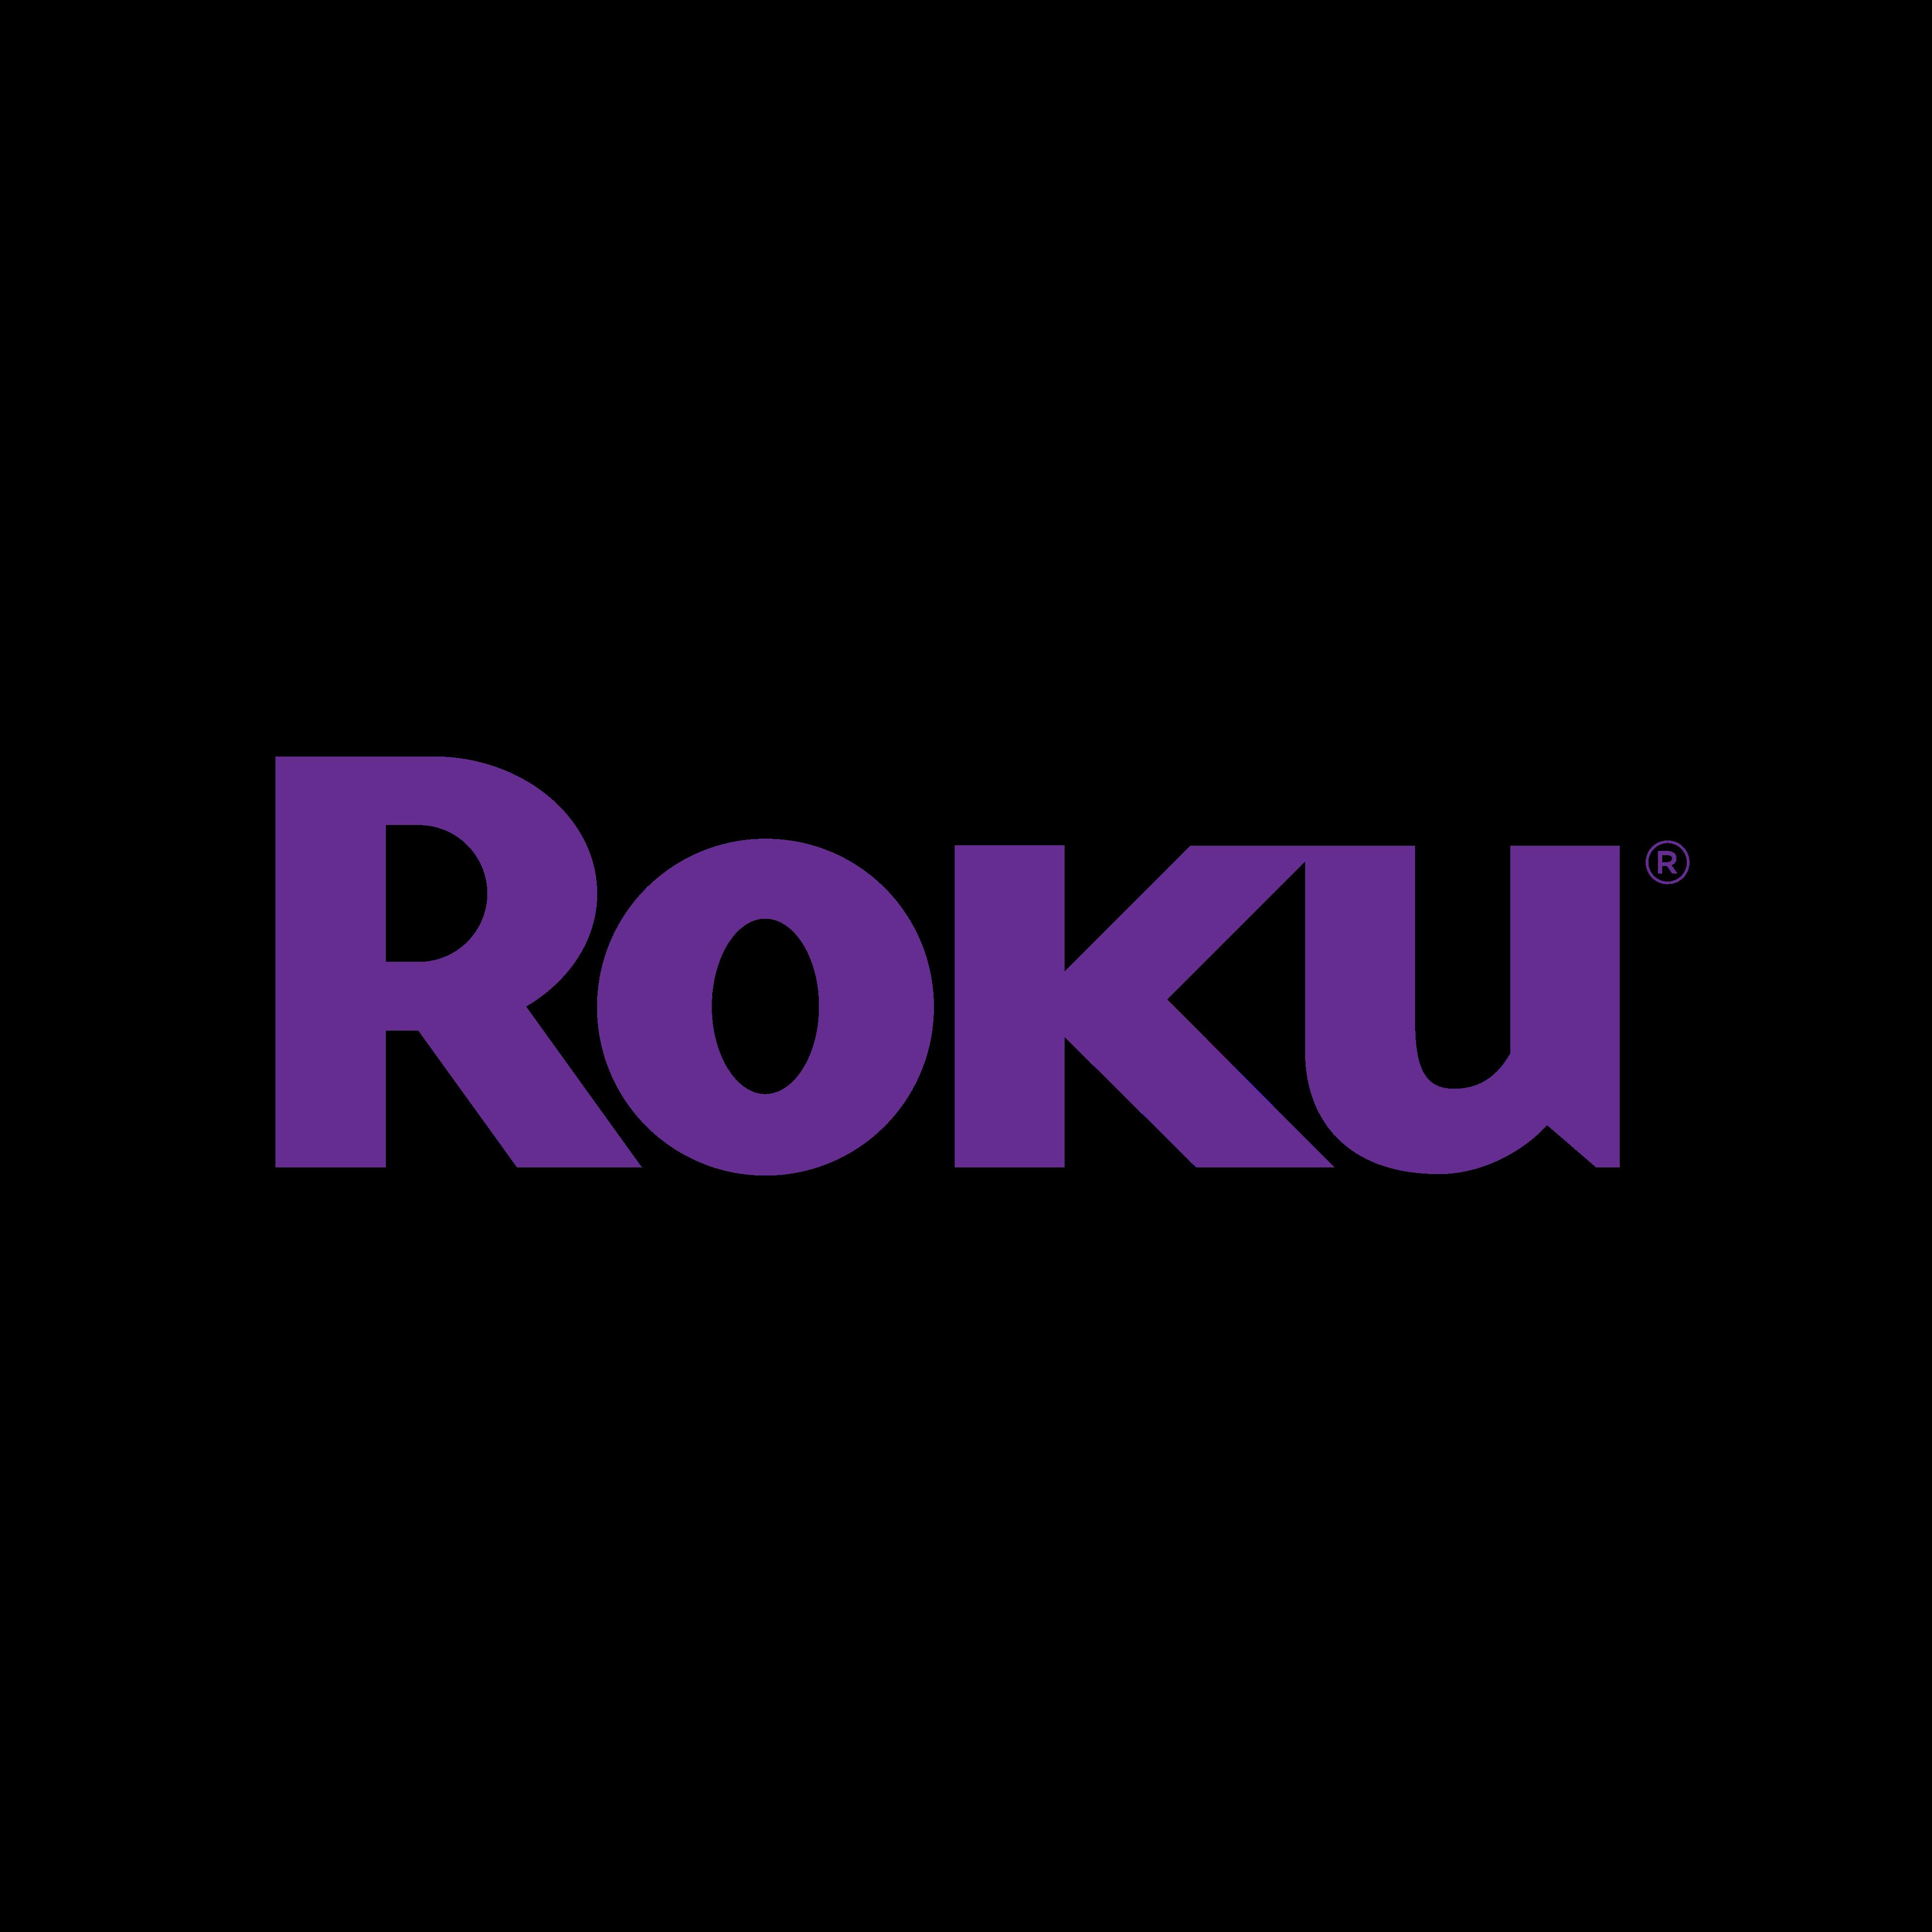 roku logo 0 - Roku Logo